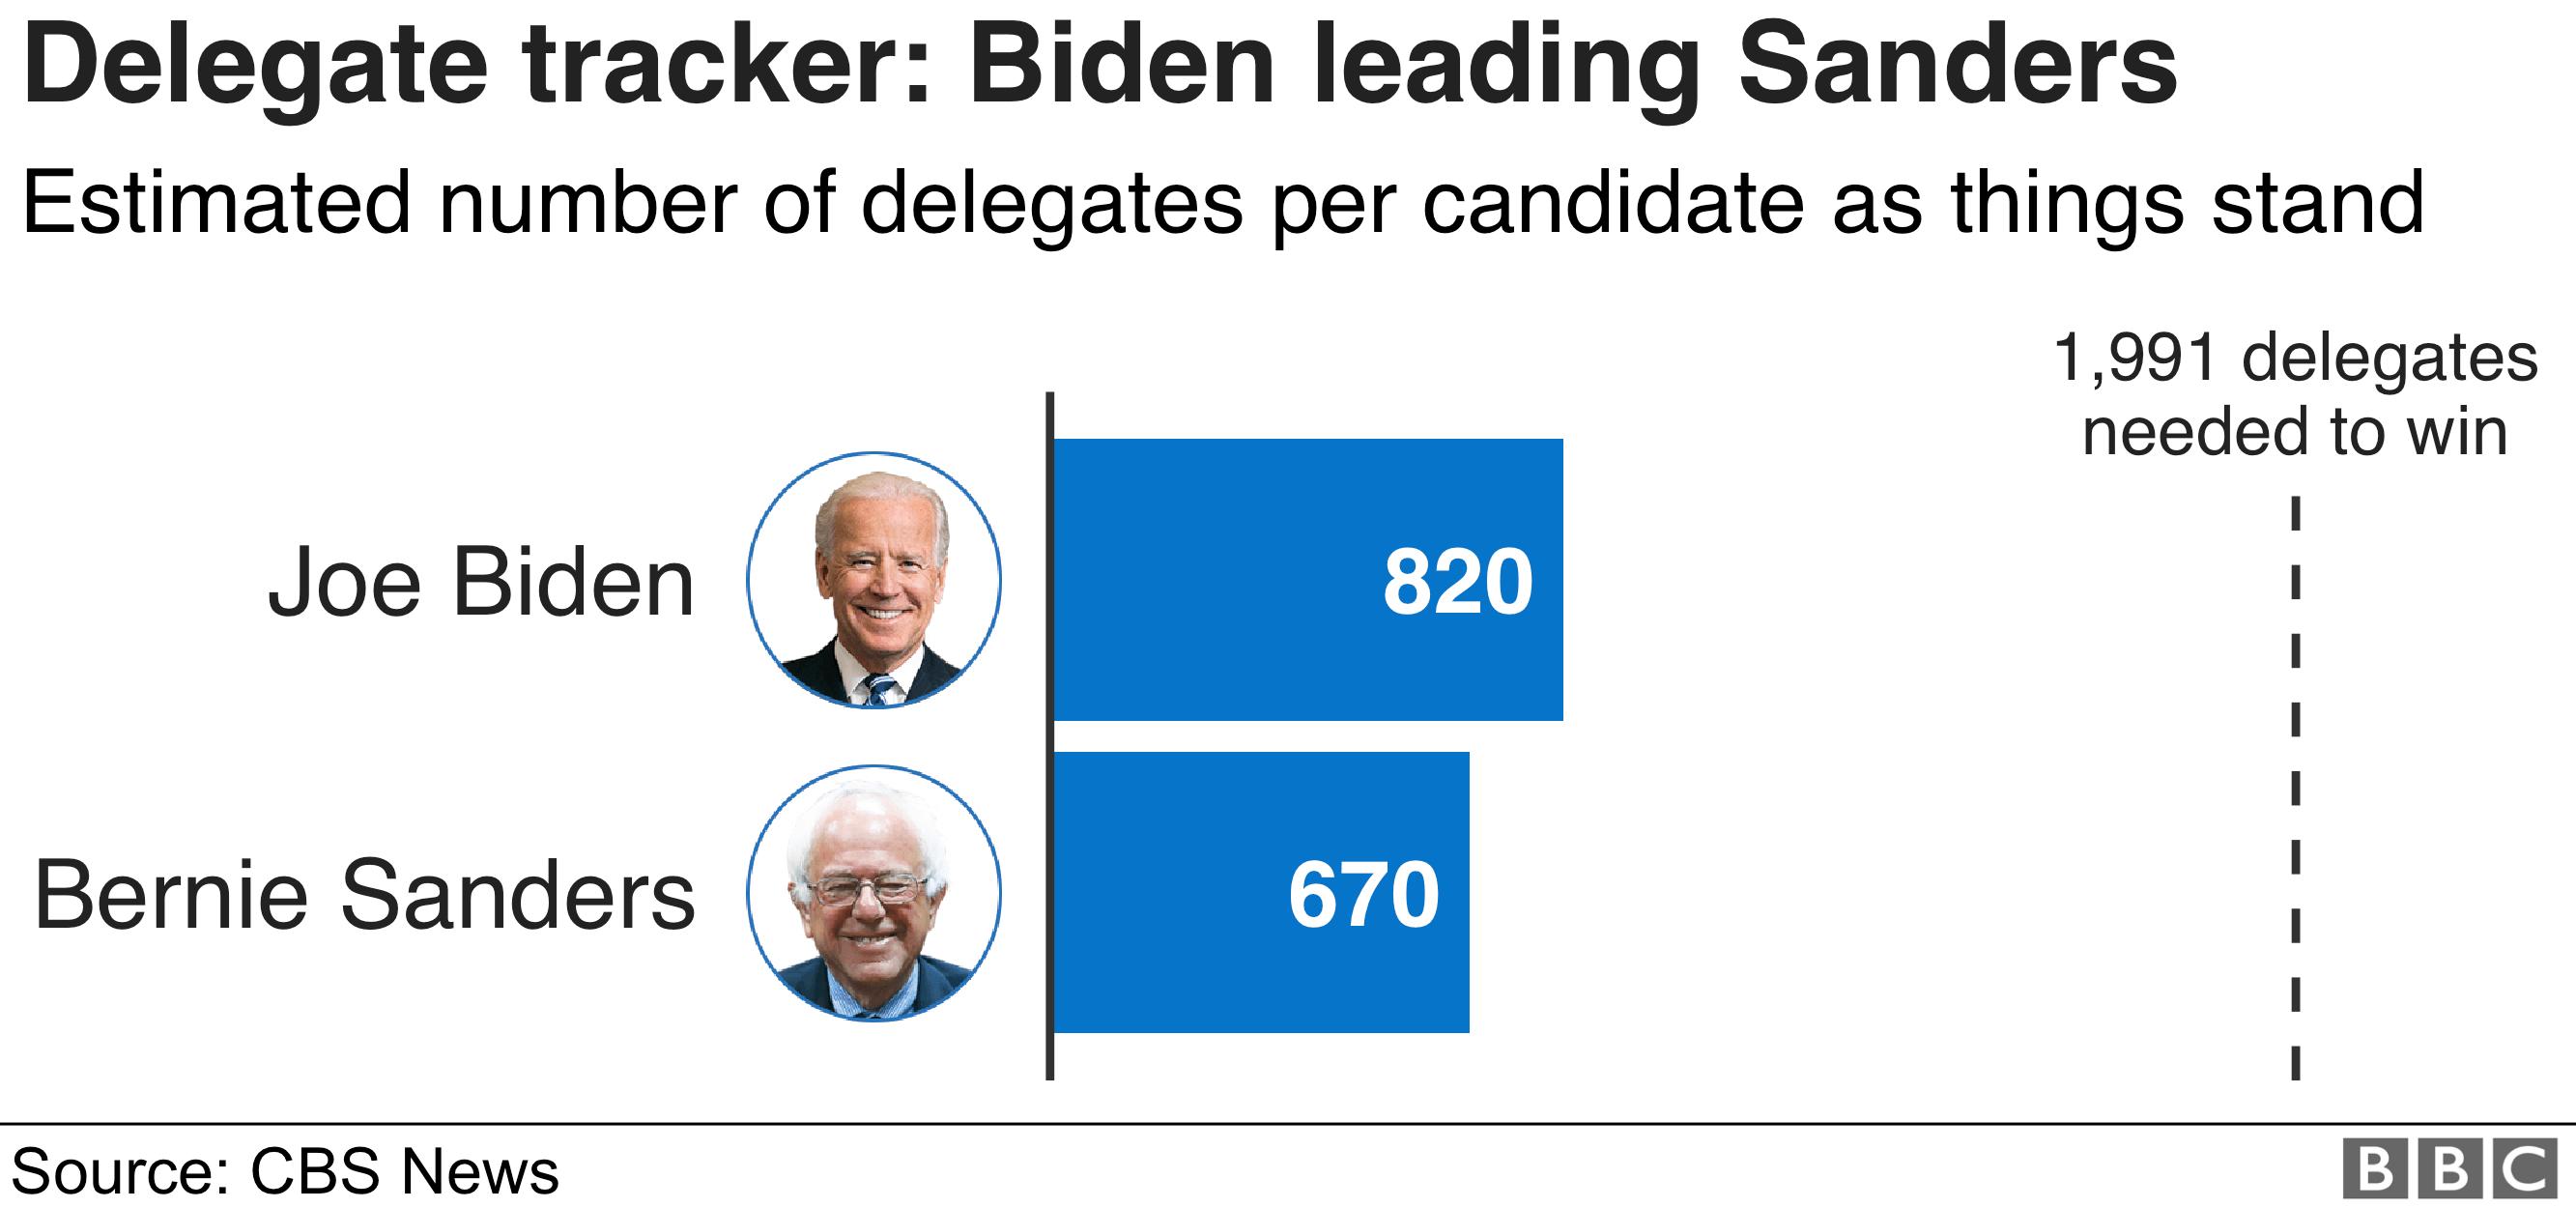 A delegate tracker showing Biden leading Sanders